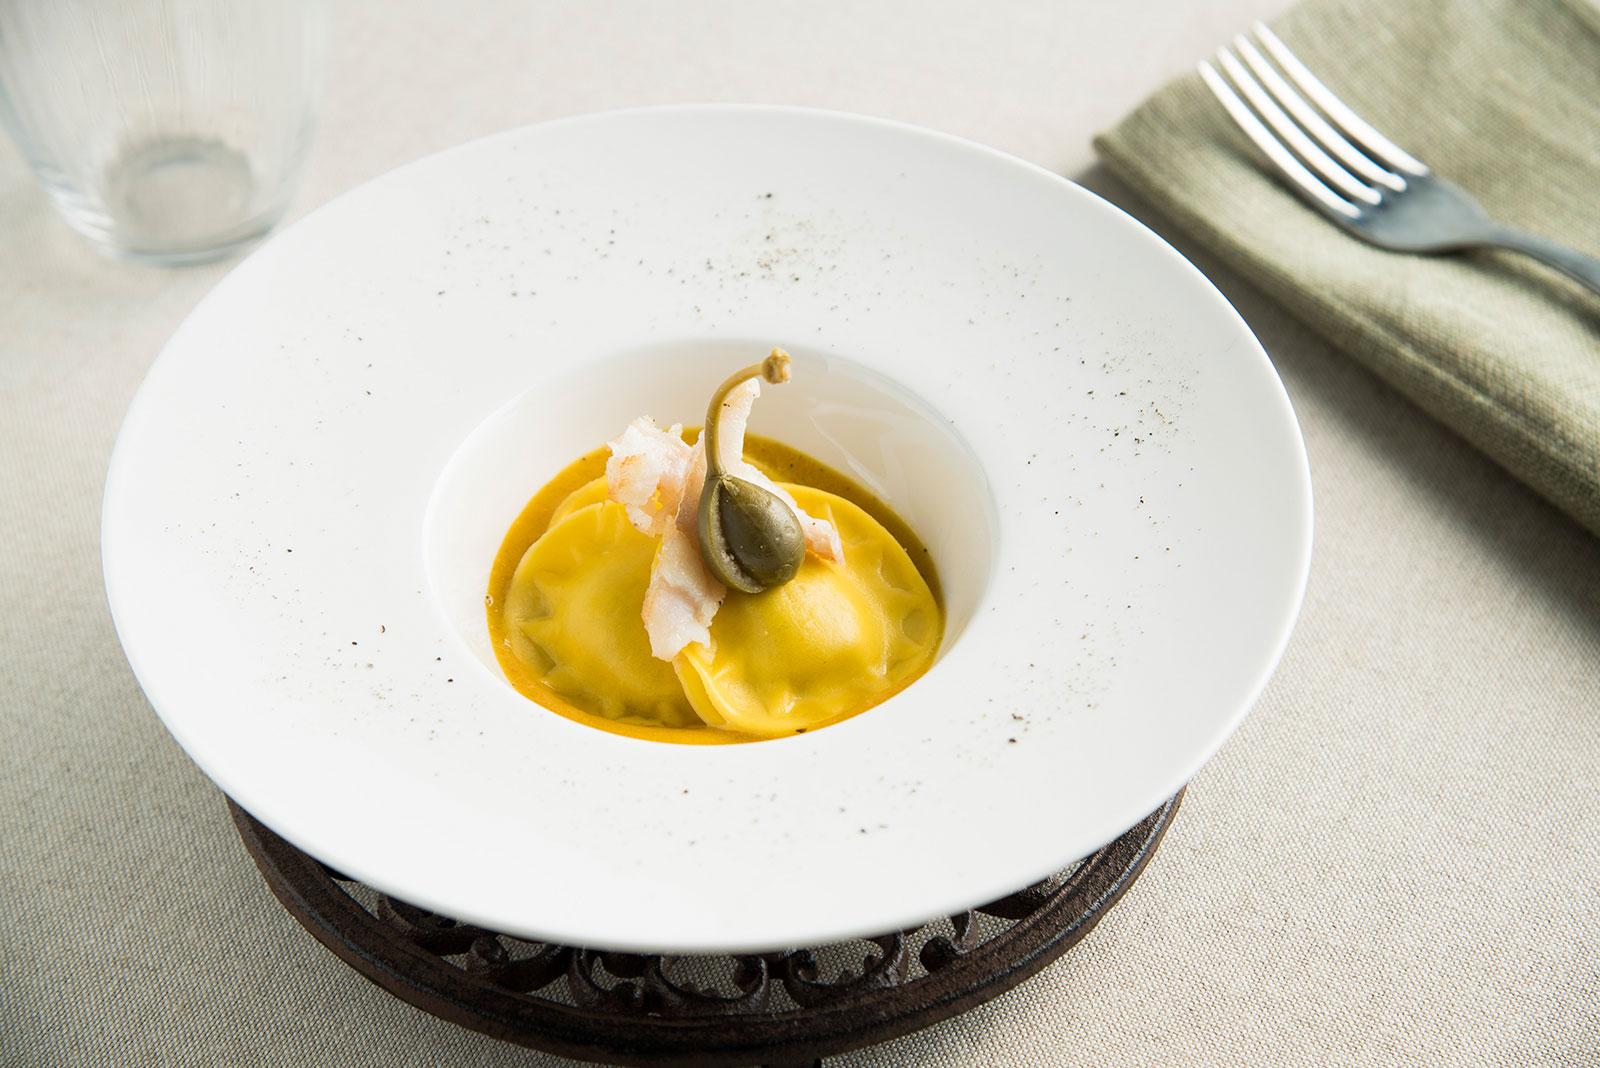 Panciotti Senza Glutine alle verdure grigliate con coulis di peperoni gialli, filetto di branzino e capperi in fiore - Pasta di Venezia